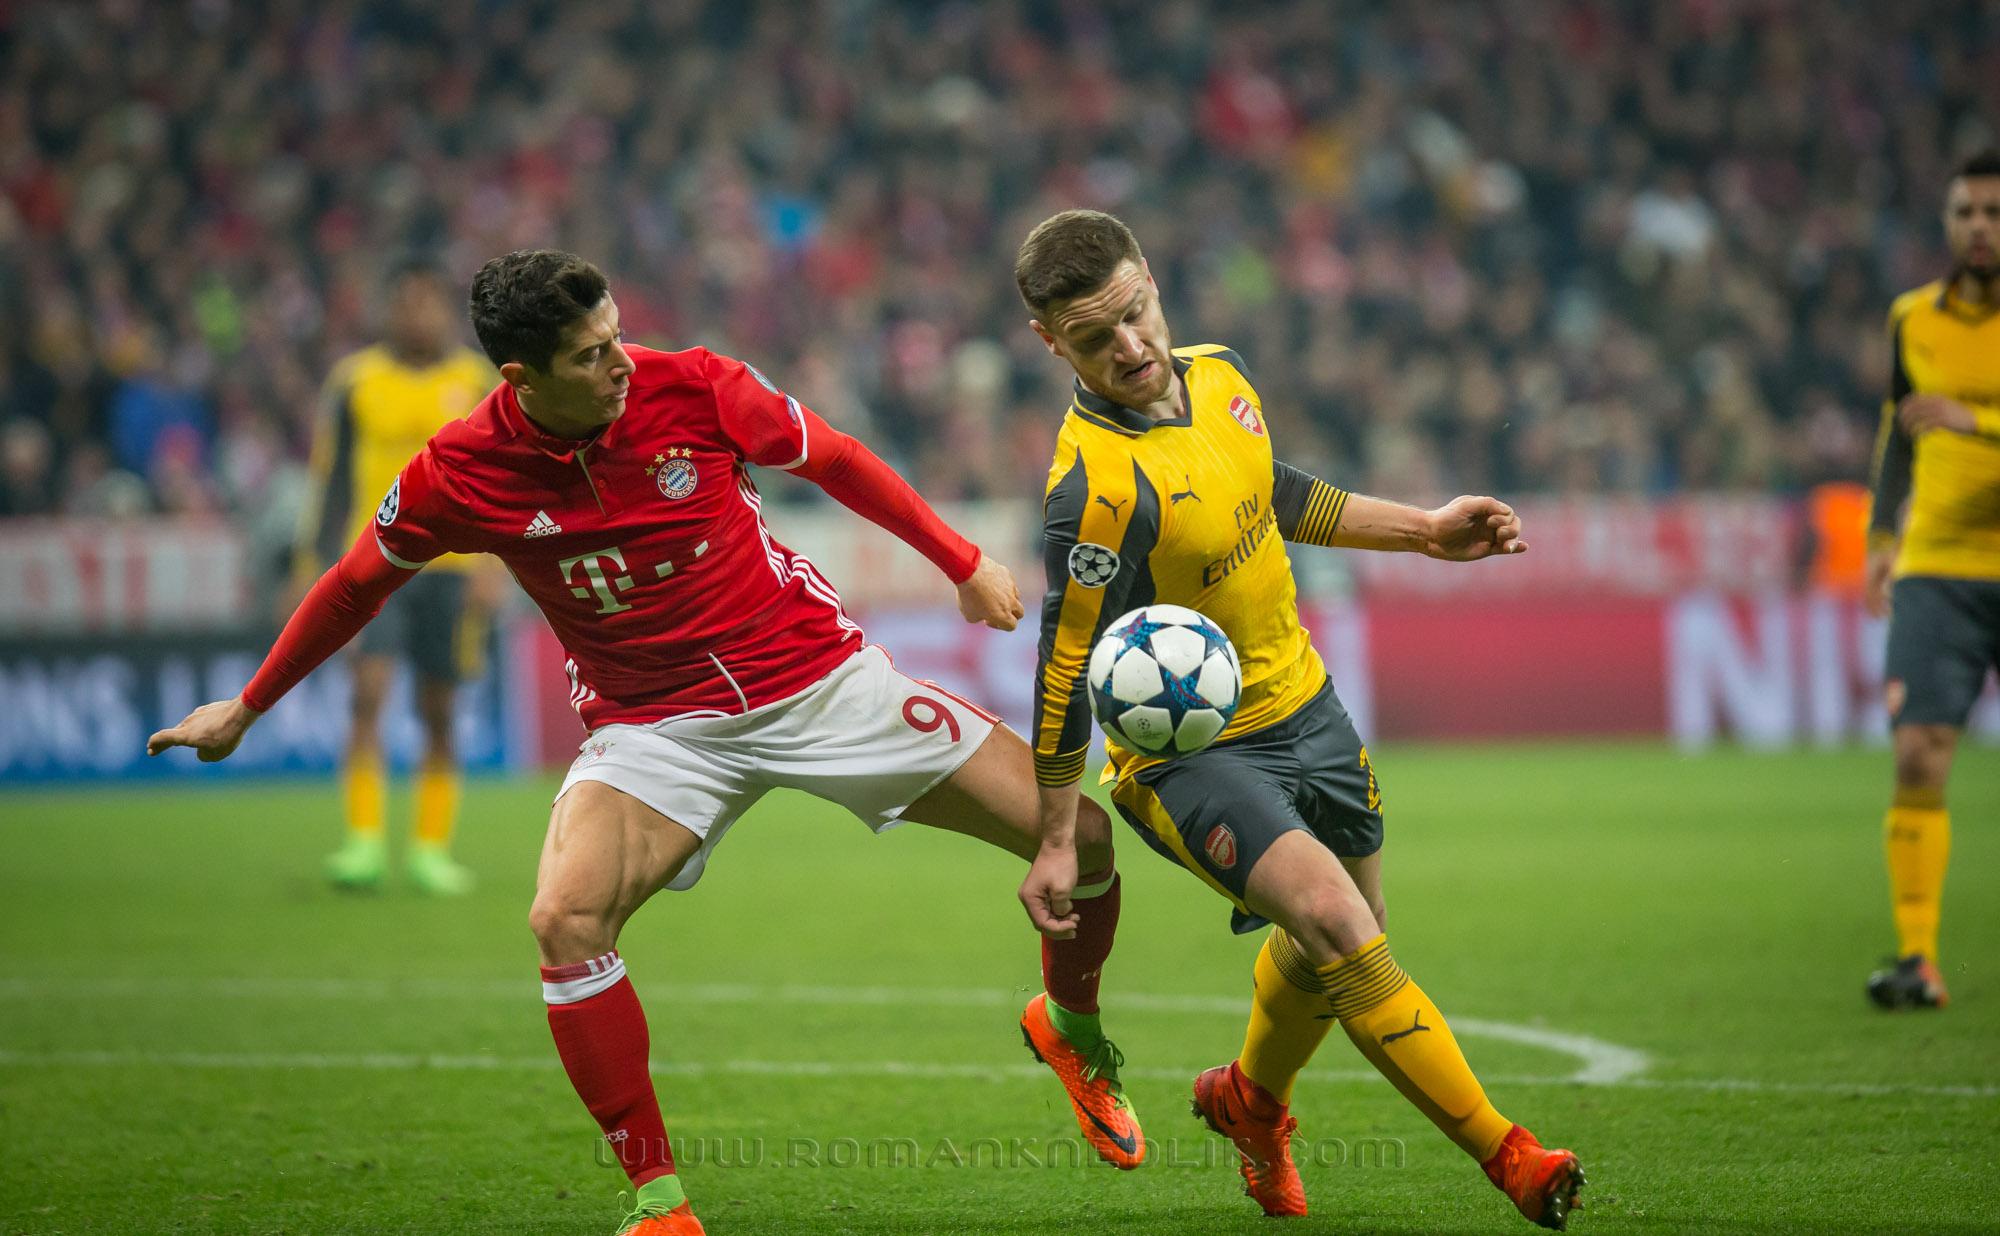 Bayern_Arsenal-5